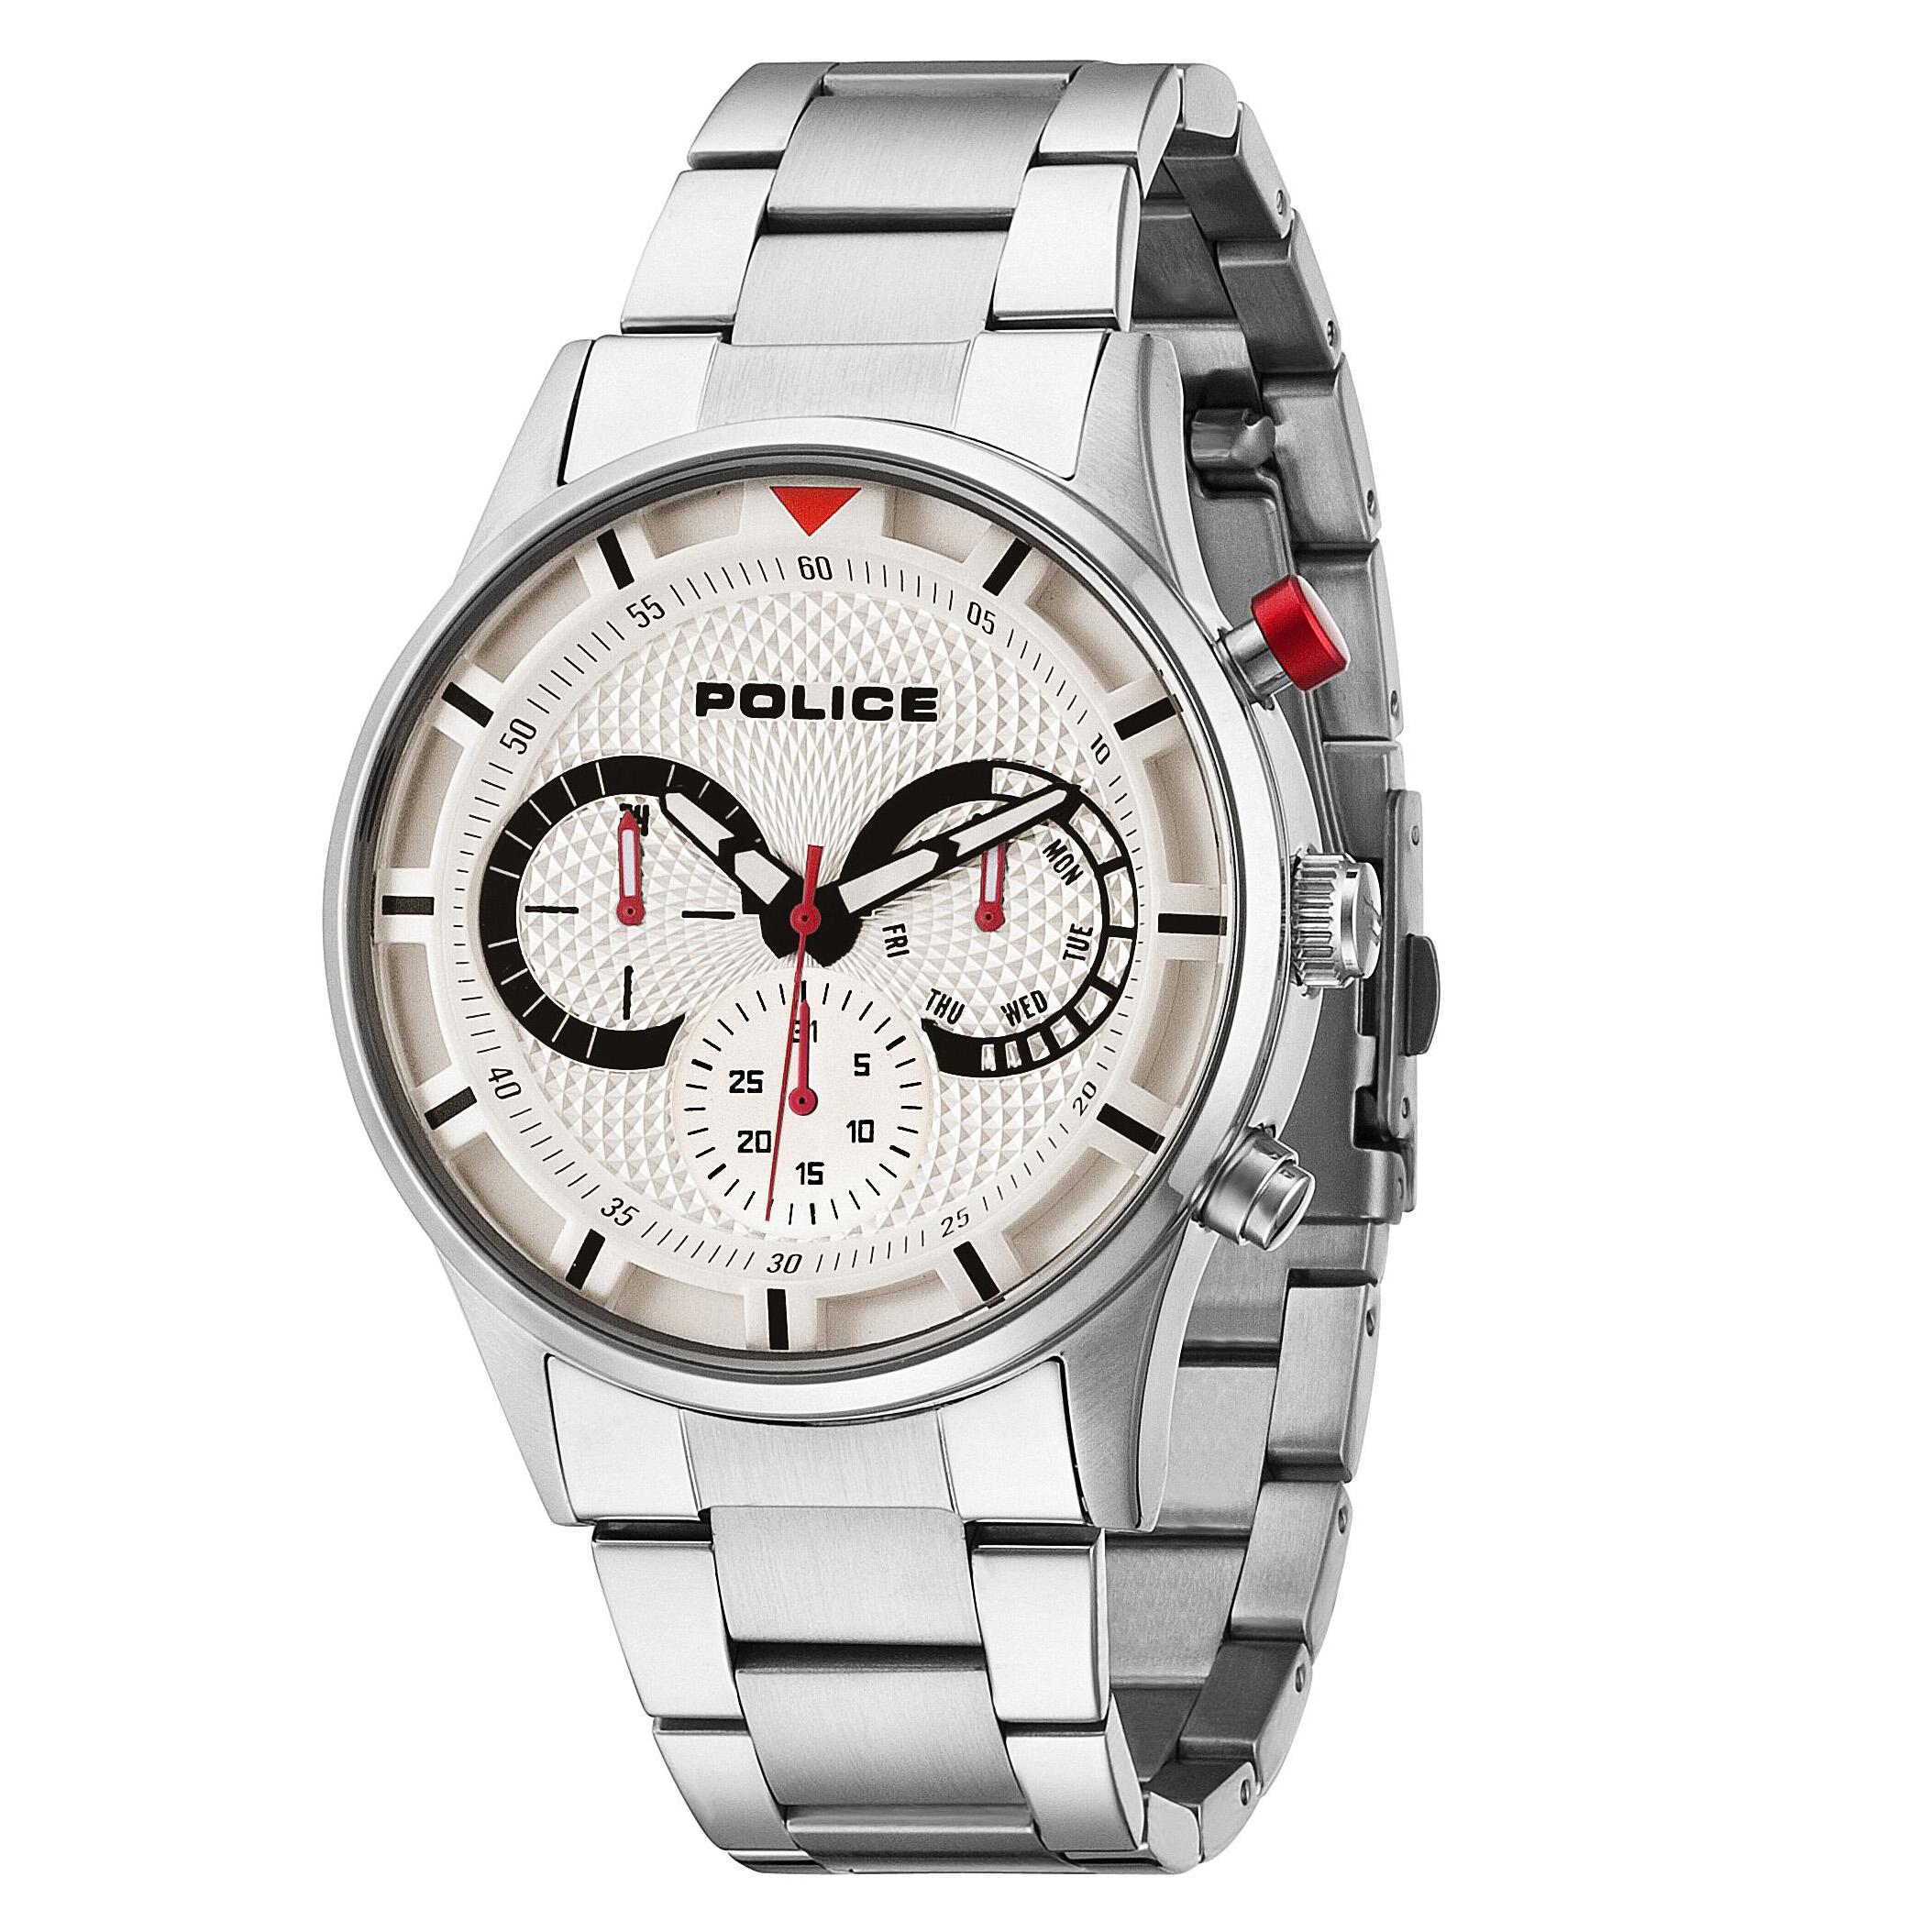 POLICE(ポリス)時計 DRIVERドライバー ホワイト【14383JS-04M】